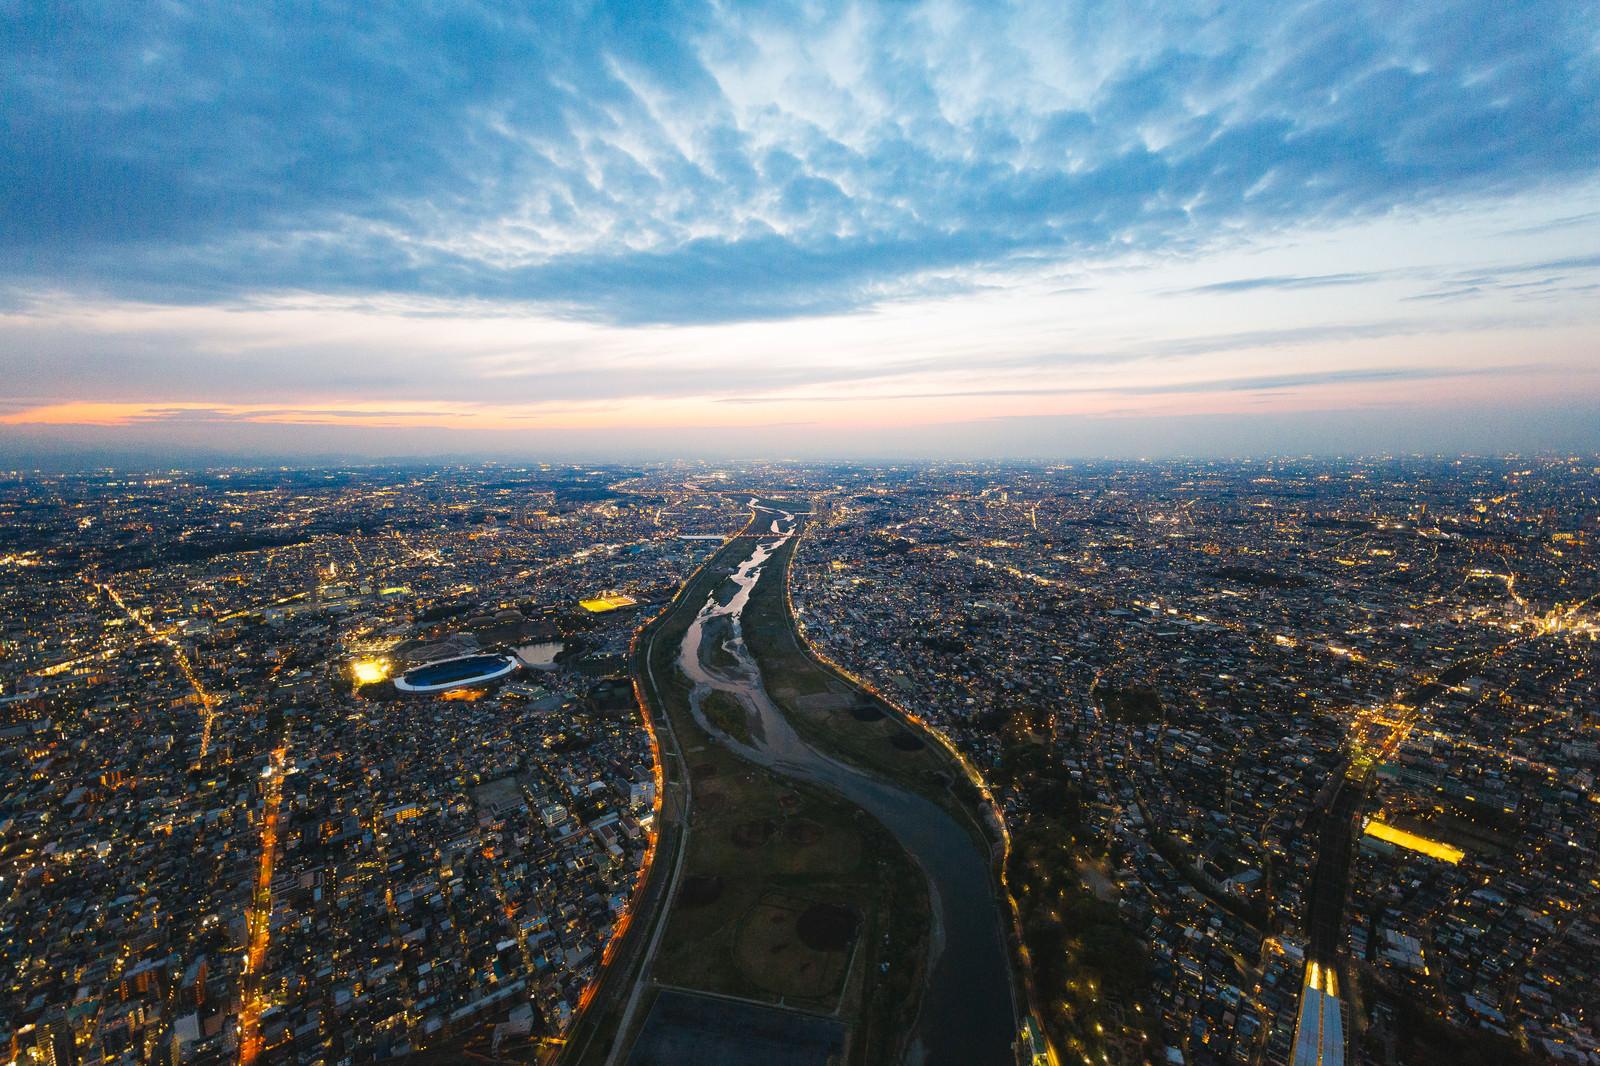 「多摩川上空(左が神奈川県、右が東京都)」の写真